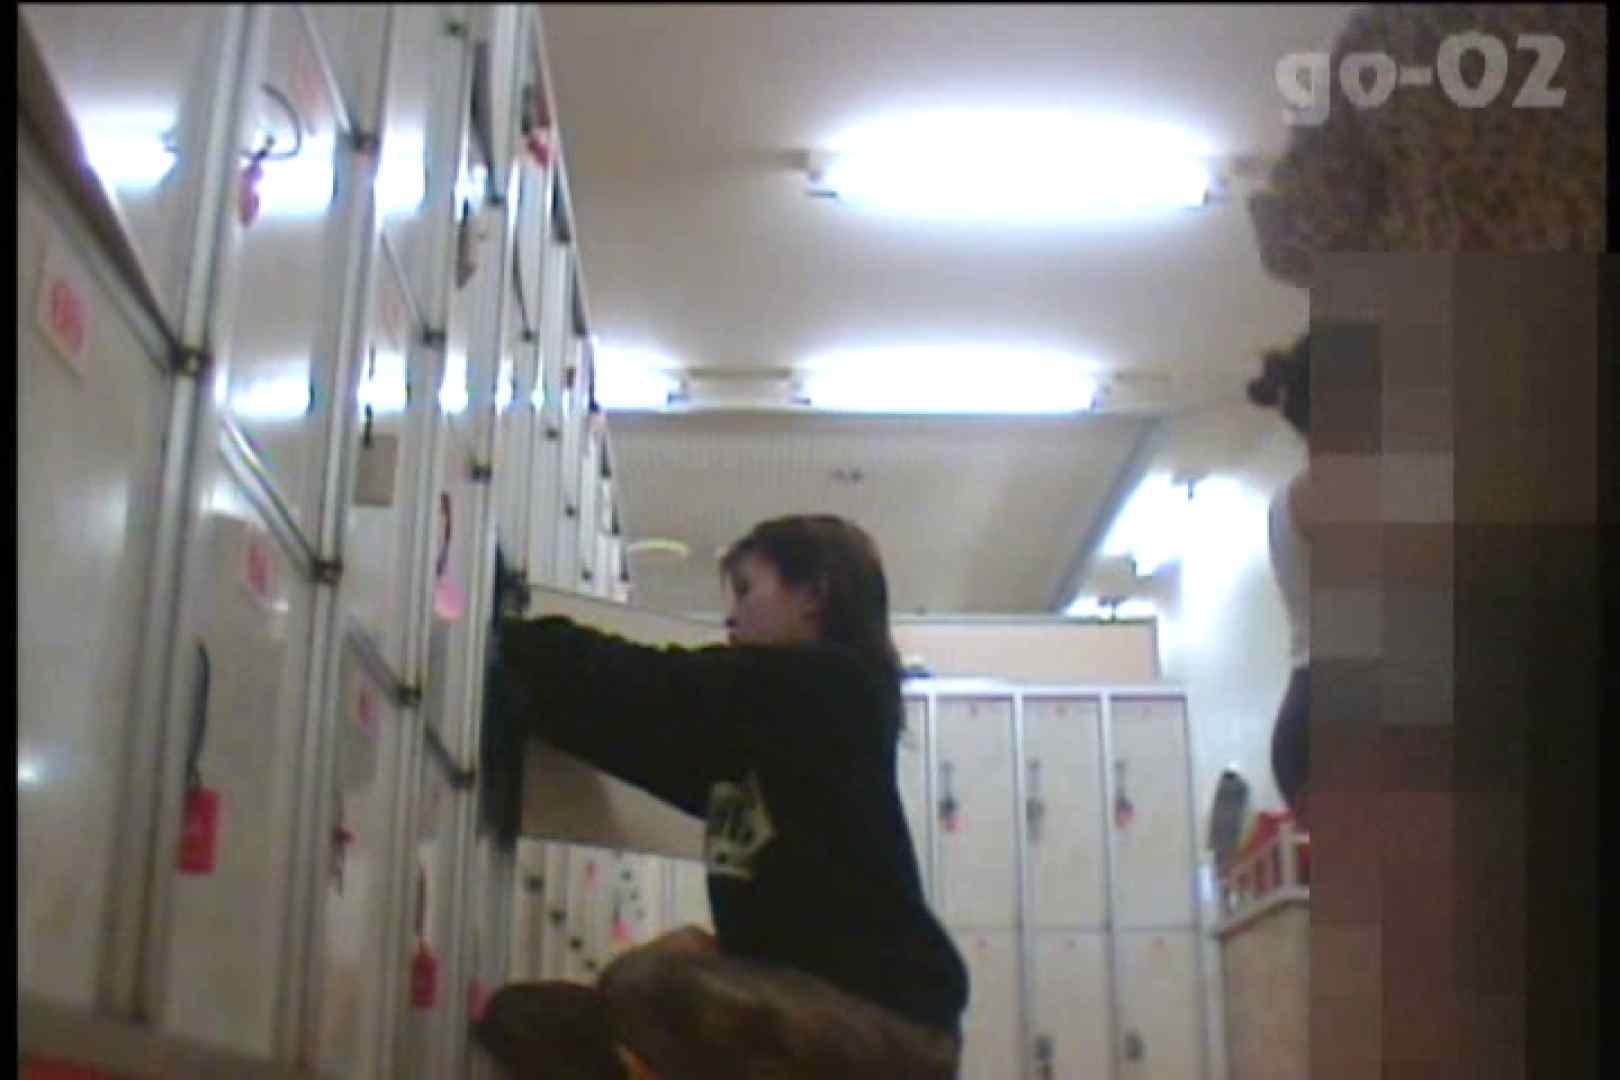 電波カメラ設置浴場からの防HAN映像 Vol.02 盗撮 | エッチなOL  92枚 22